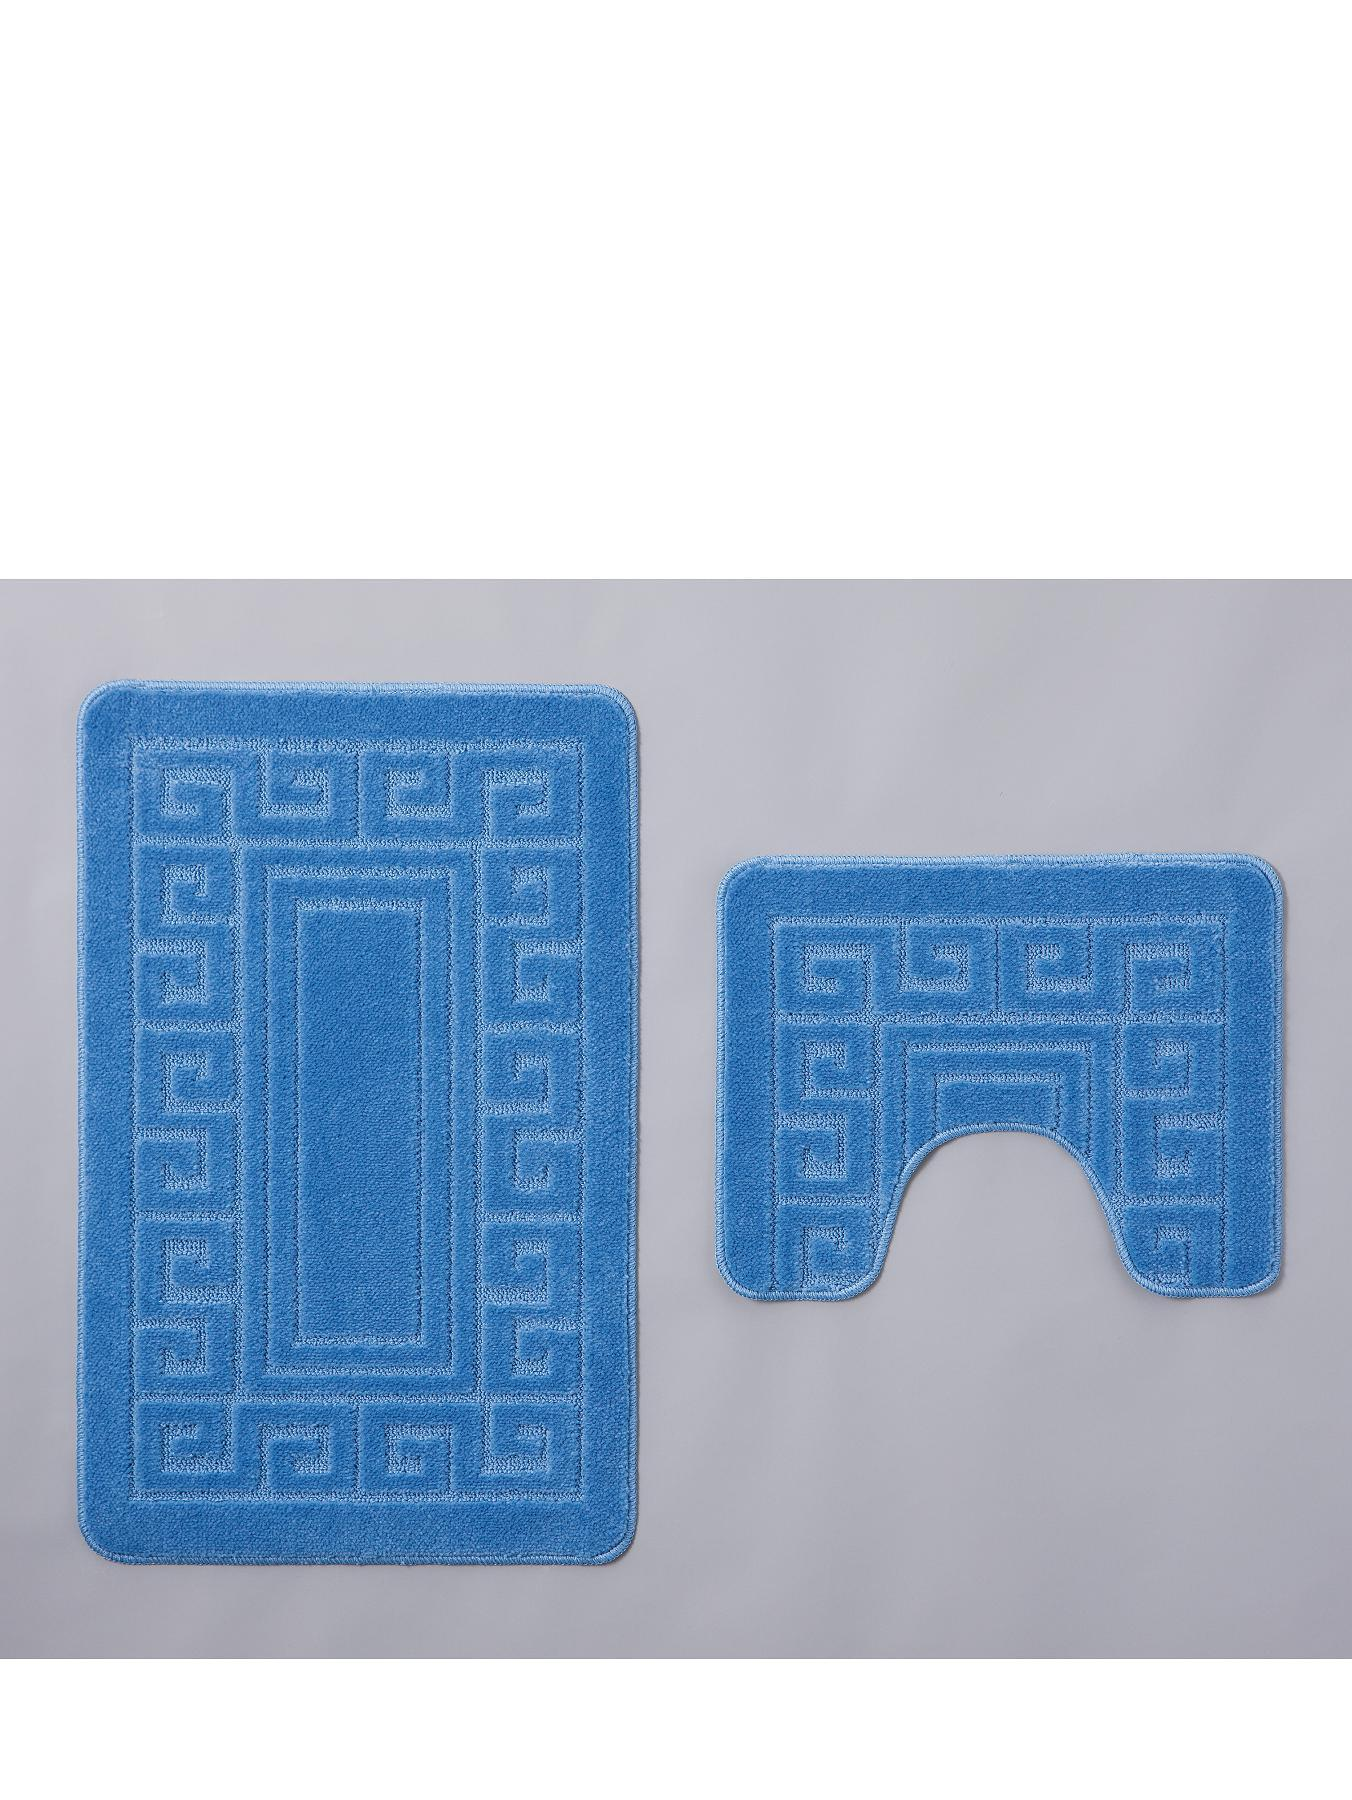 Greek Key Bath Mat and Pedestal Set (2-Piece Set), Cream,Blue,Pink,Grey,Green,Red